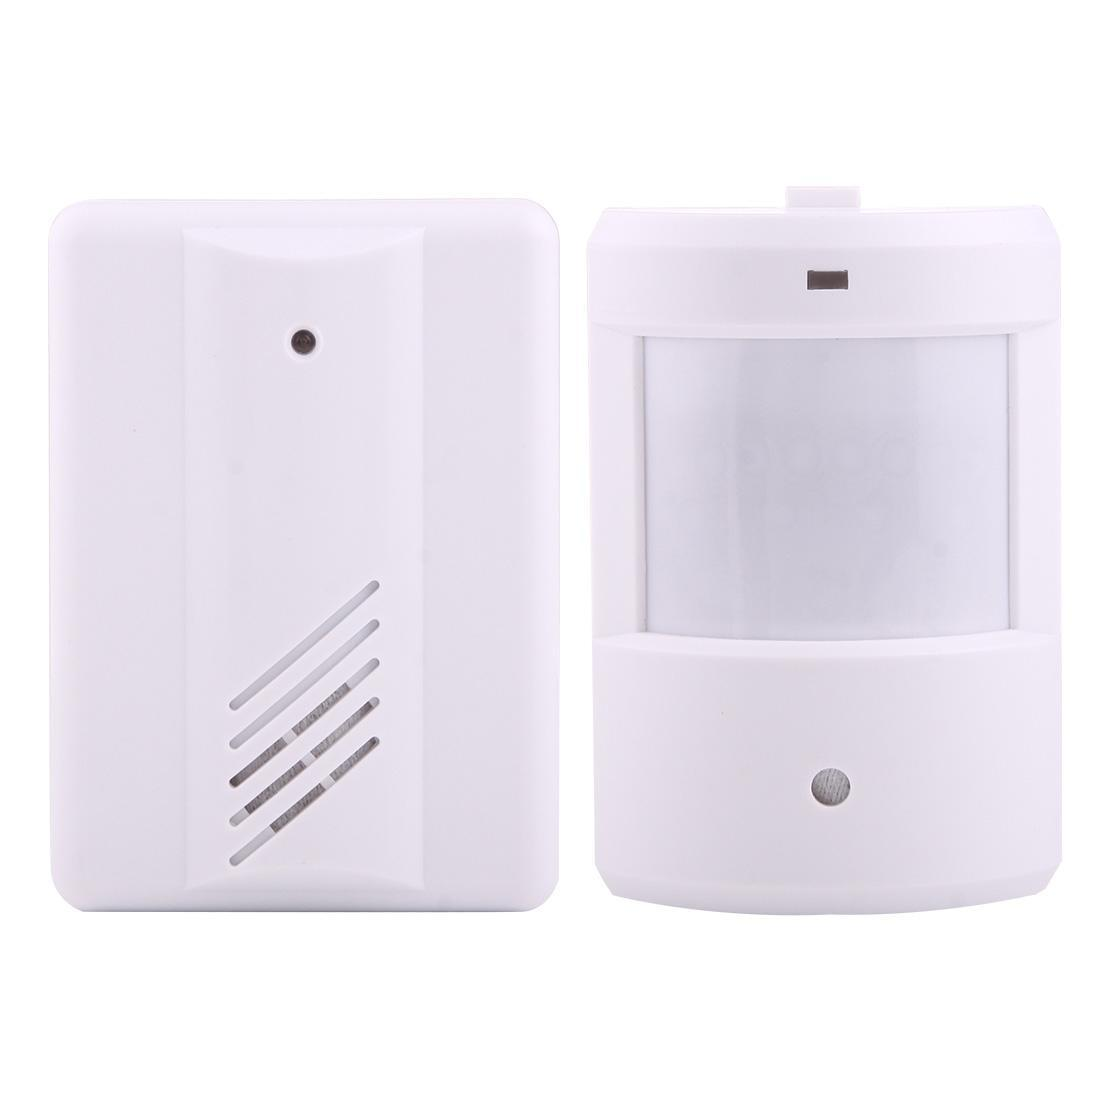 YF-0155 جيد الآمن اللاسلكية الحرس الكهربائية ووتش المخبر عن بعد نظام لكيت وزارة الداخلية، 1 × استقبال + 1 × الكاشف